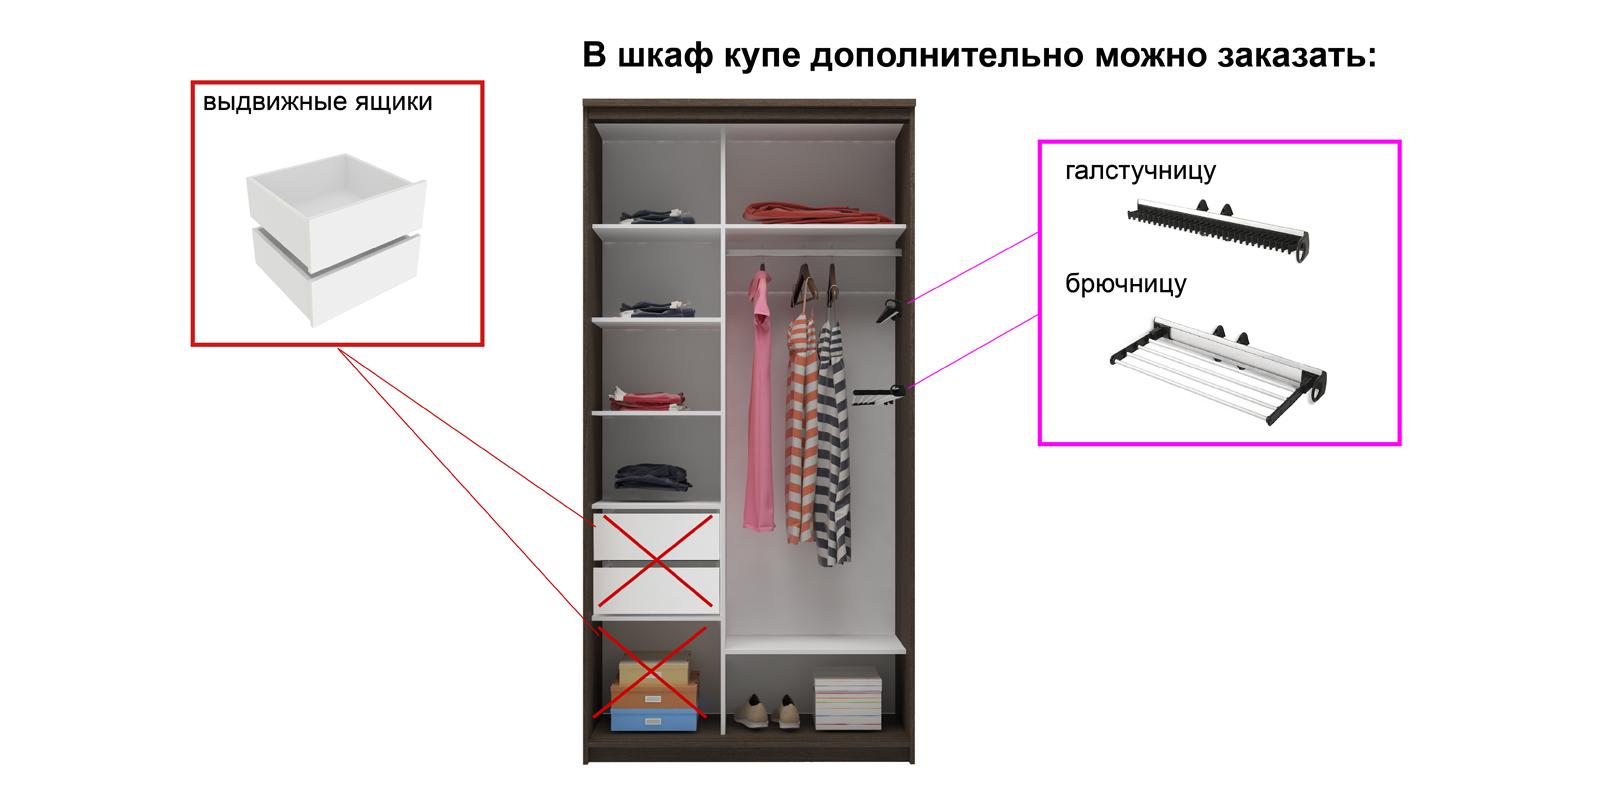 Цвет Диванов Магазин Санкт-Петербург